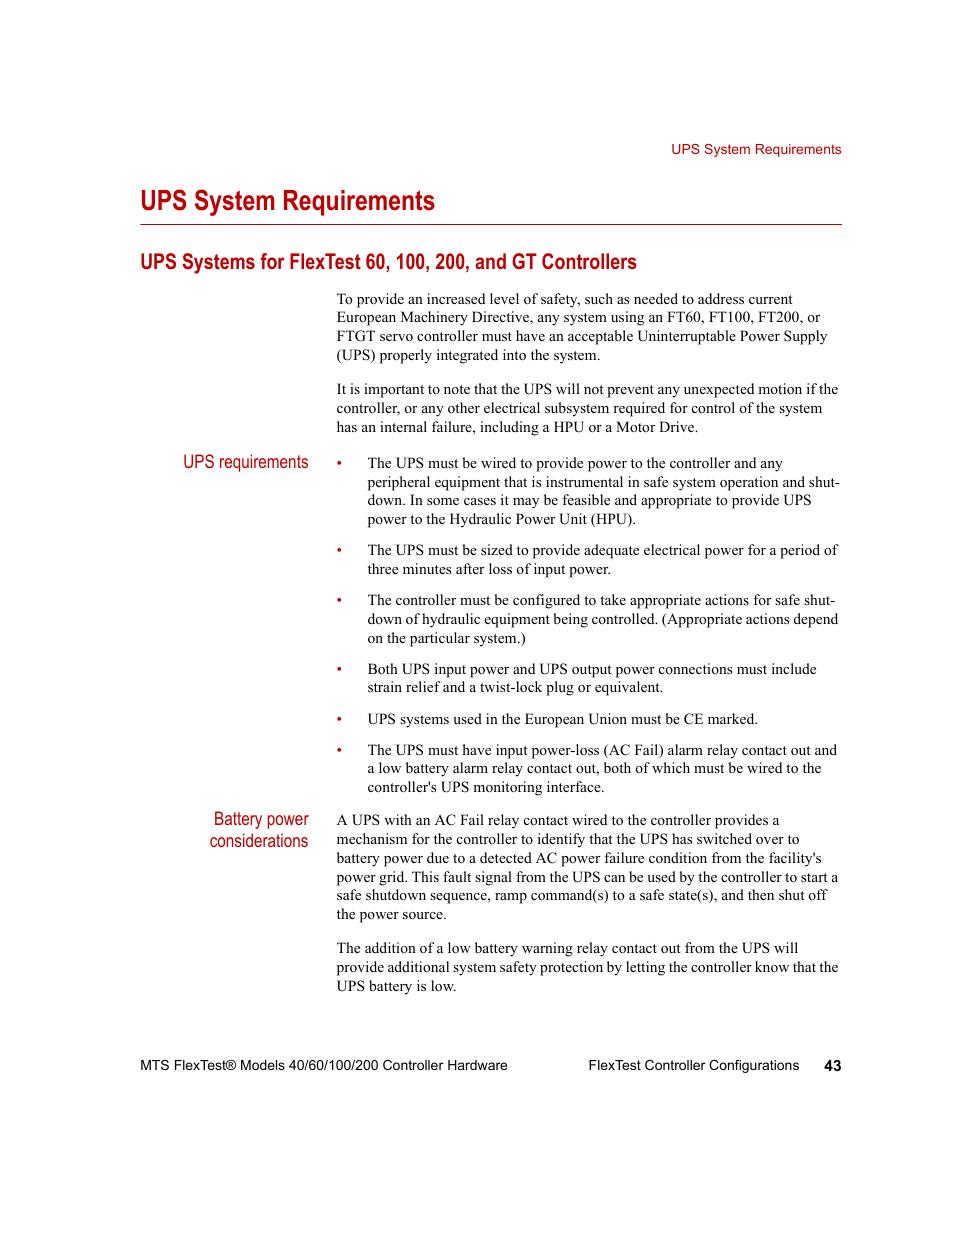 Ups system requirements, Ups system requirements 43   MTS FlexTest ...